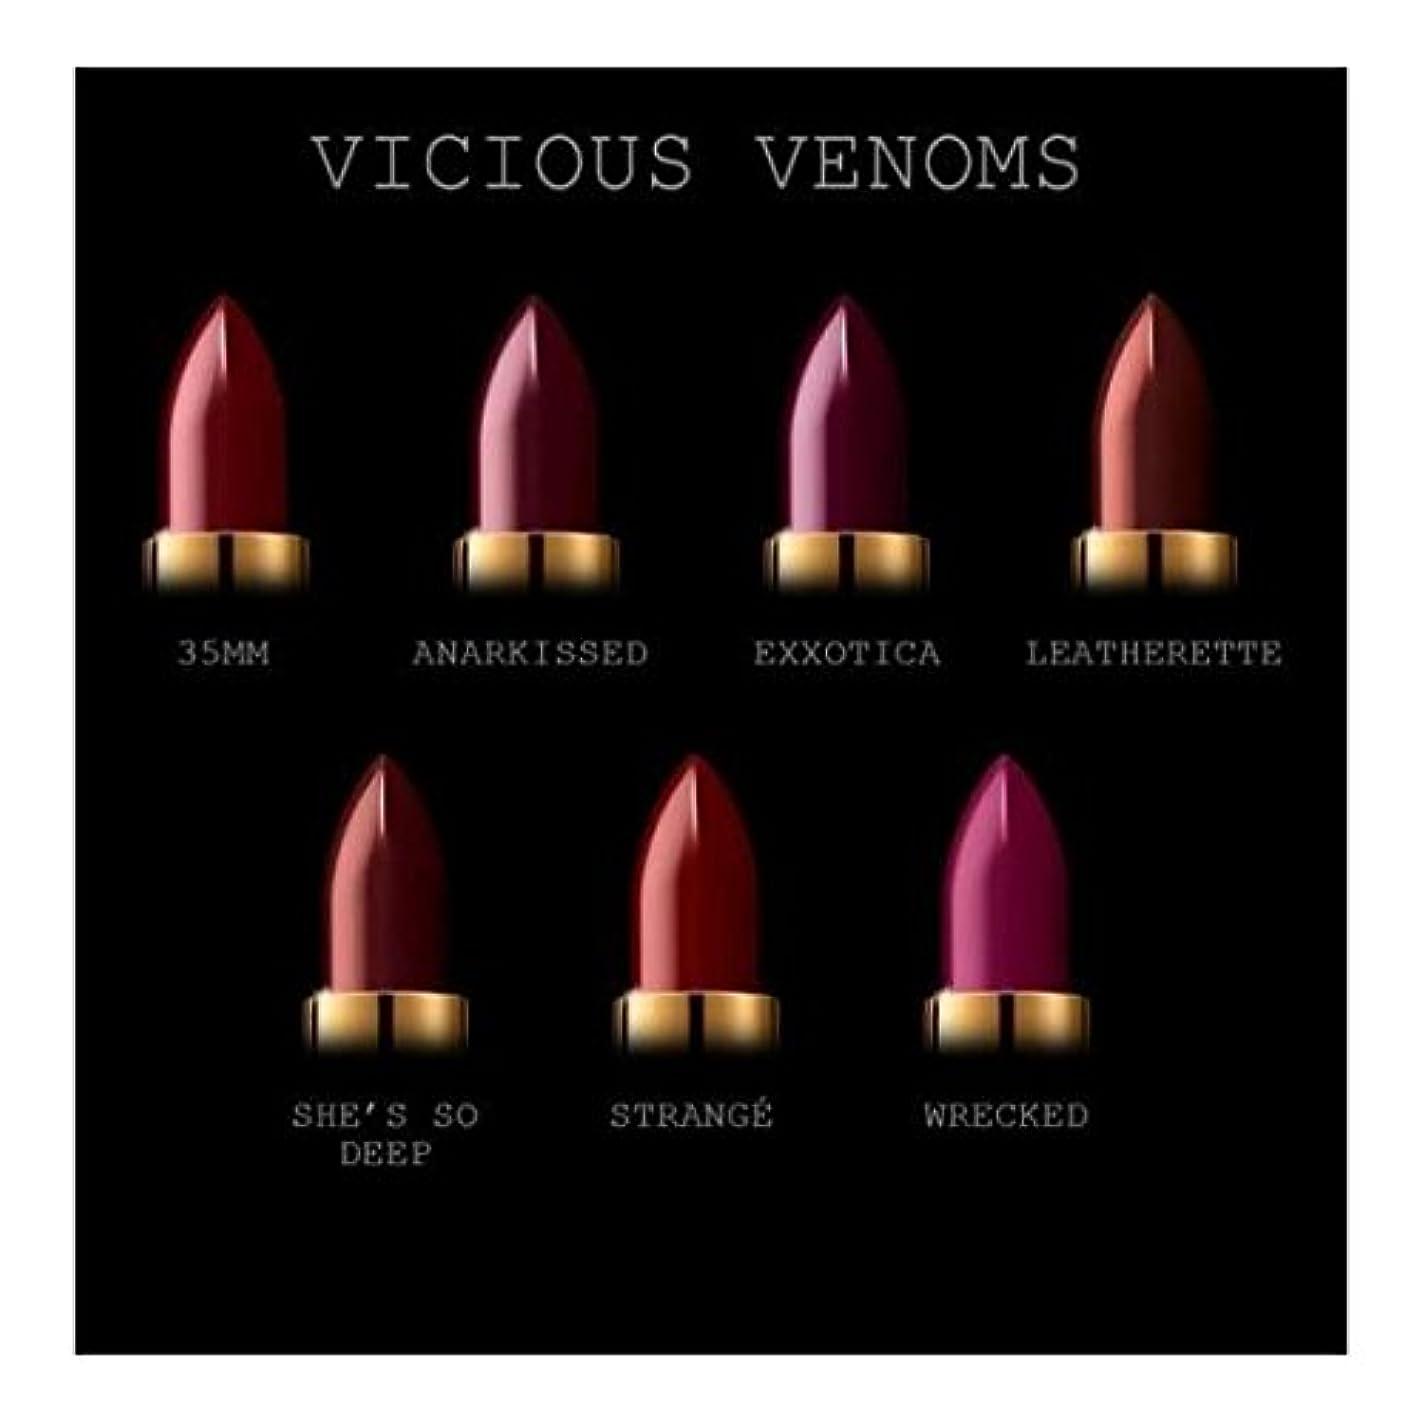 によって任意運動PAT McGRATH COLOURVICIOUS VENOMS (DARKS) LUXETRANCE LIPSTICK パットマグラス 全7カラーの中からお選びください 35mm (Burgundy Pink)